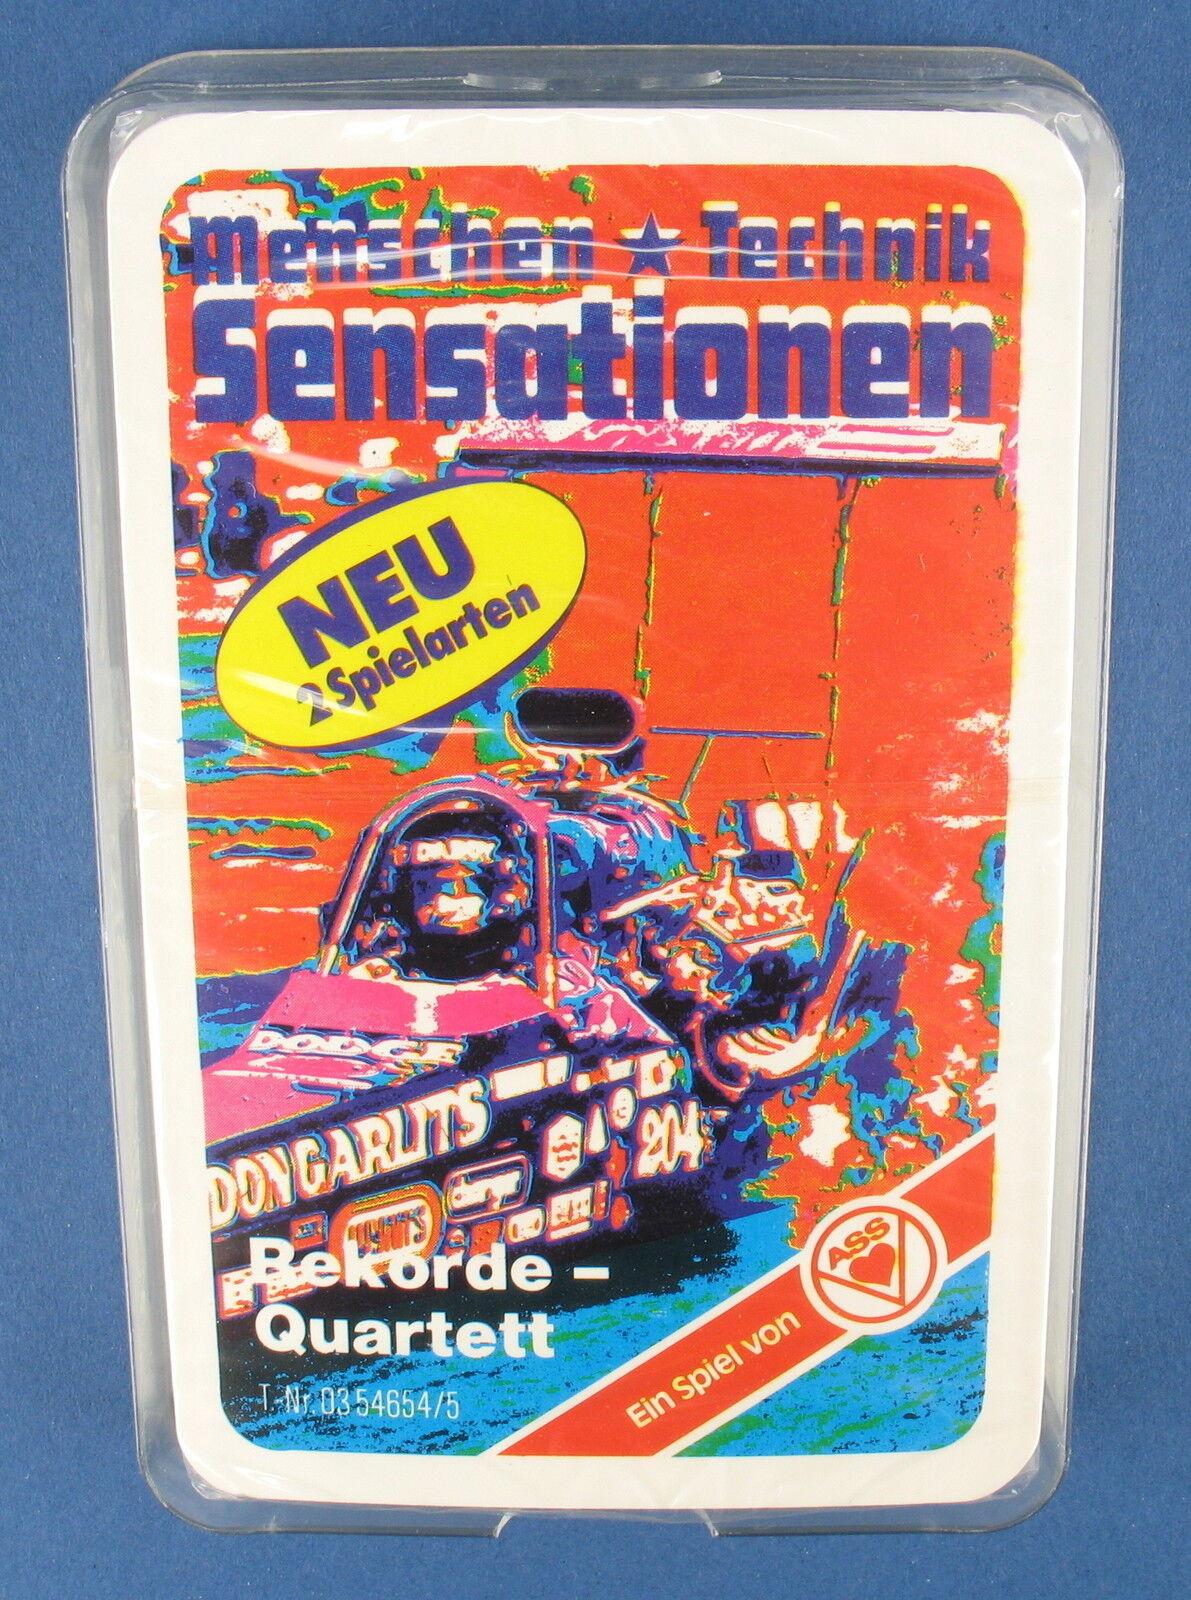 Des records-Quatuor-Dragster-AAS - Nº 03 54654 5-de 1980-Neuf dans film